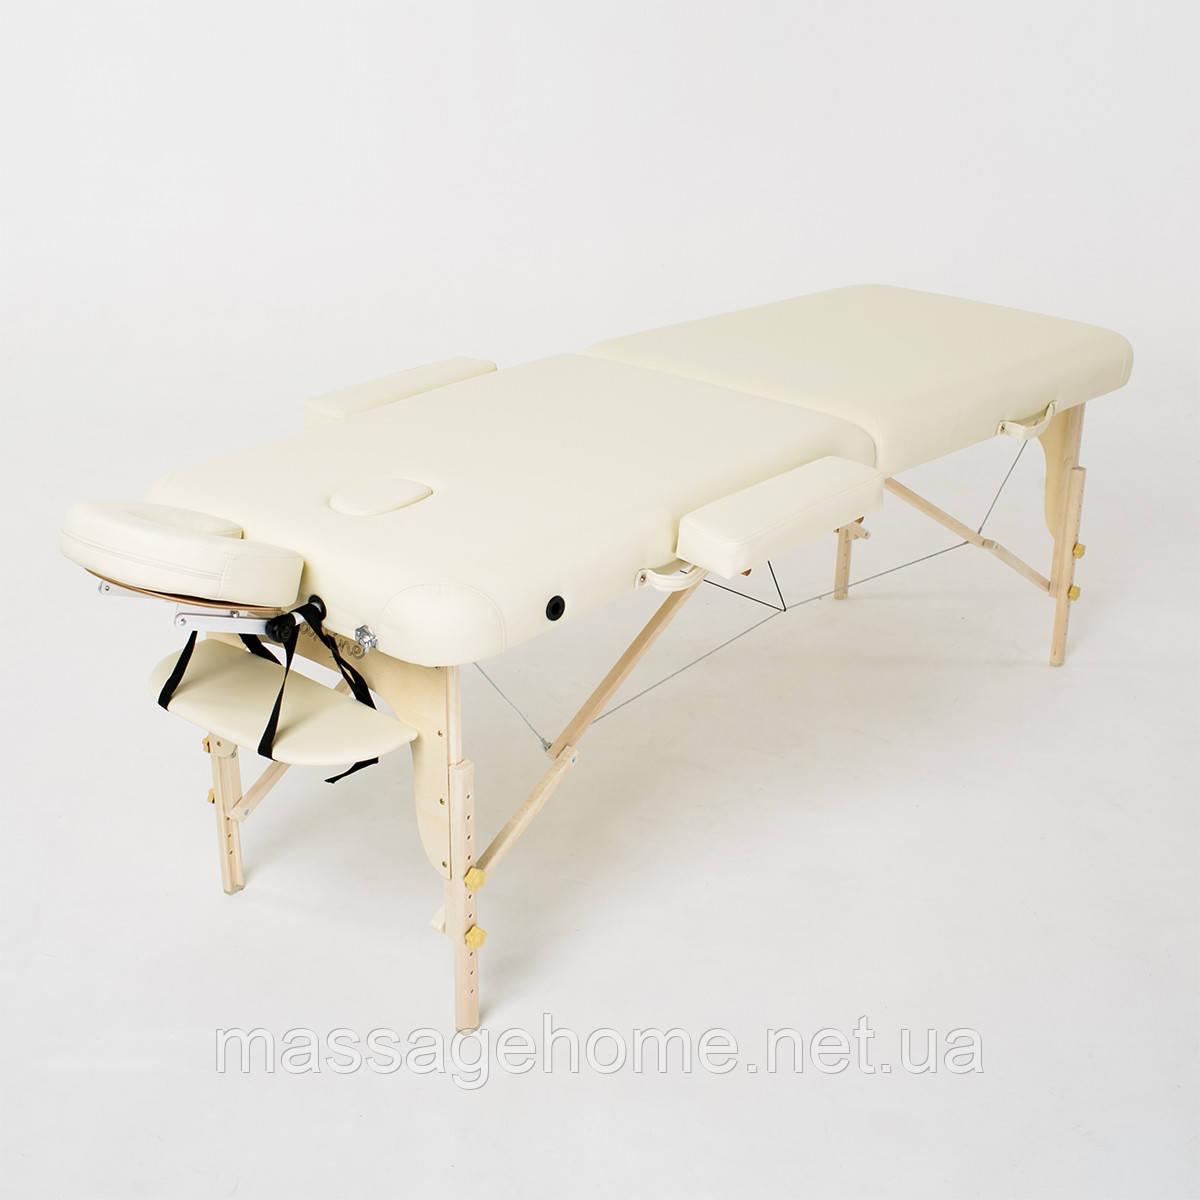 Массажный стол RelaxLine Cleopatra 50114 FMA206A-1.2.3S